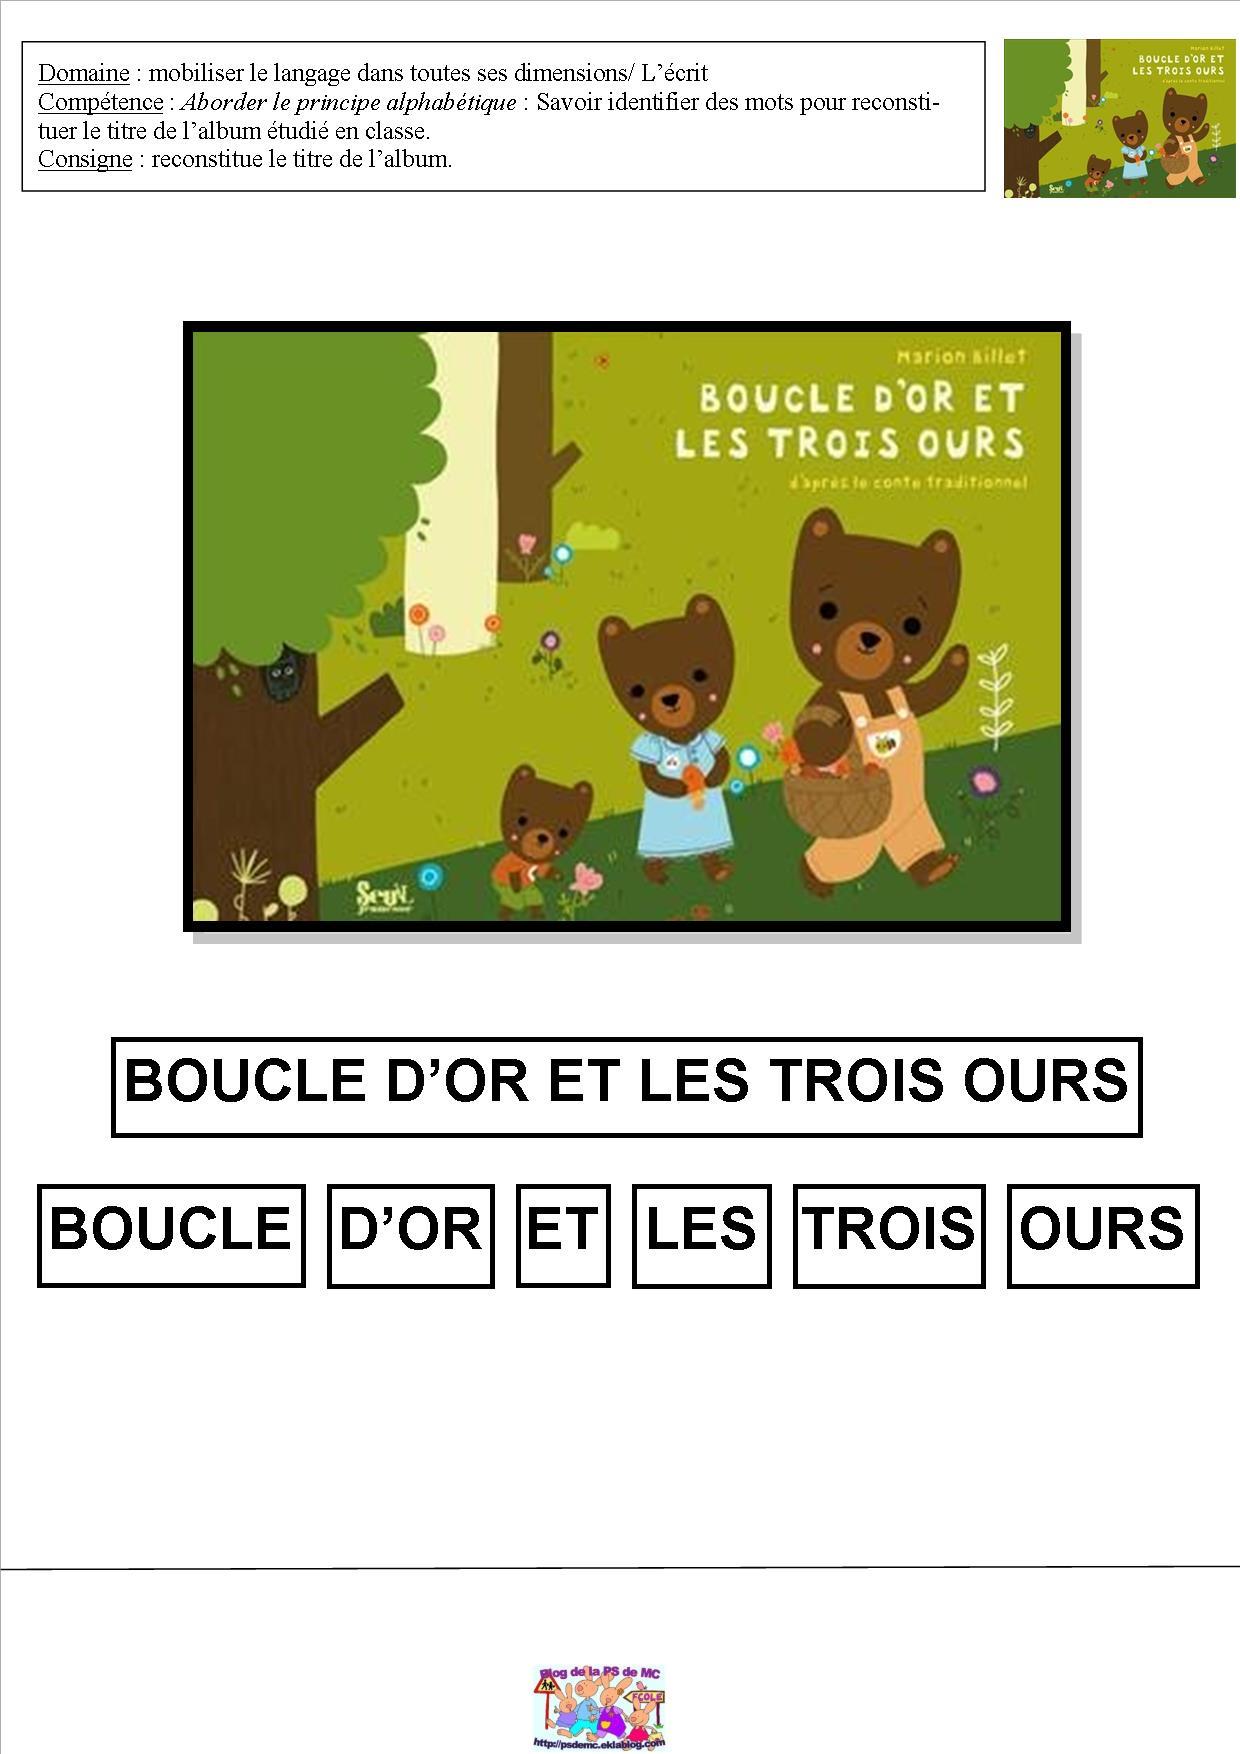 Boucle D'or Et Les 3 Ours – Mc En Maternelle concernant Mc En Maternelle